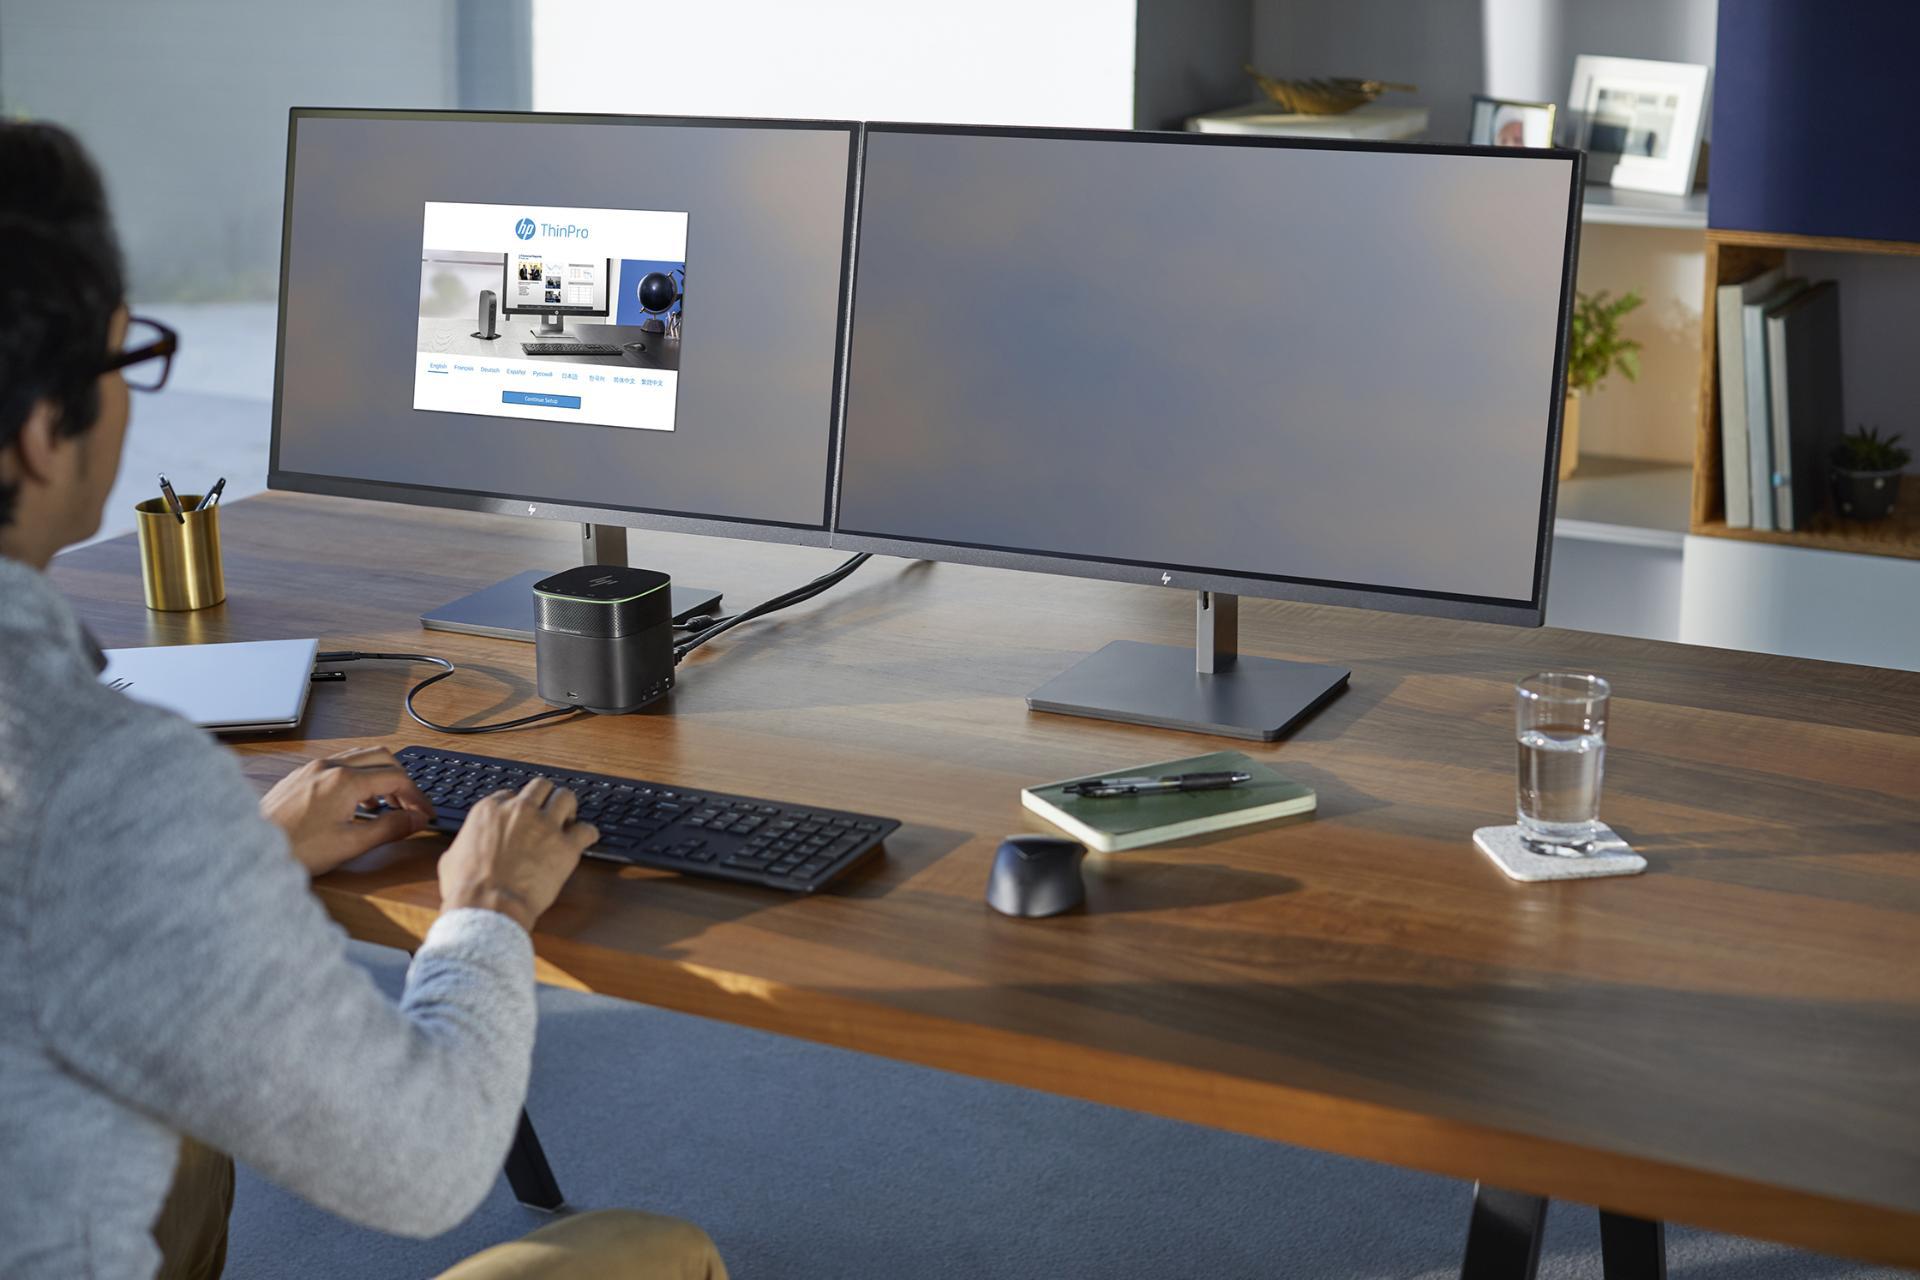 HP Thin Pro Go - это загрузочное USB-устройство, которое превращает устаревшие и персональные ПК в защищенные устройства для работы.